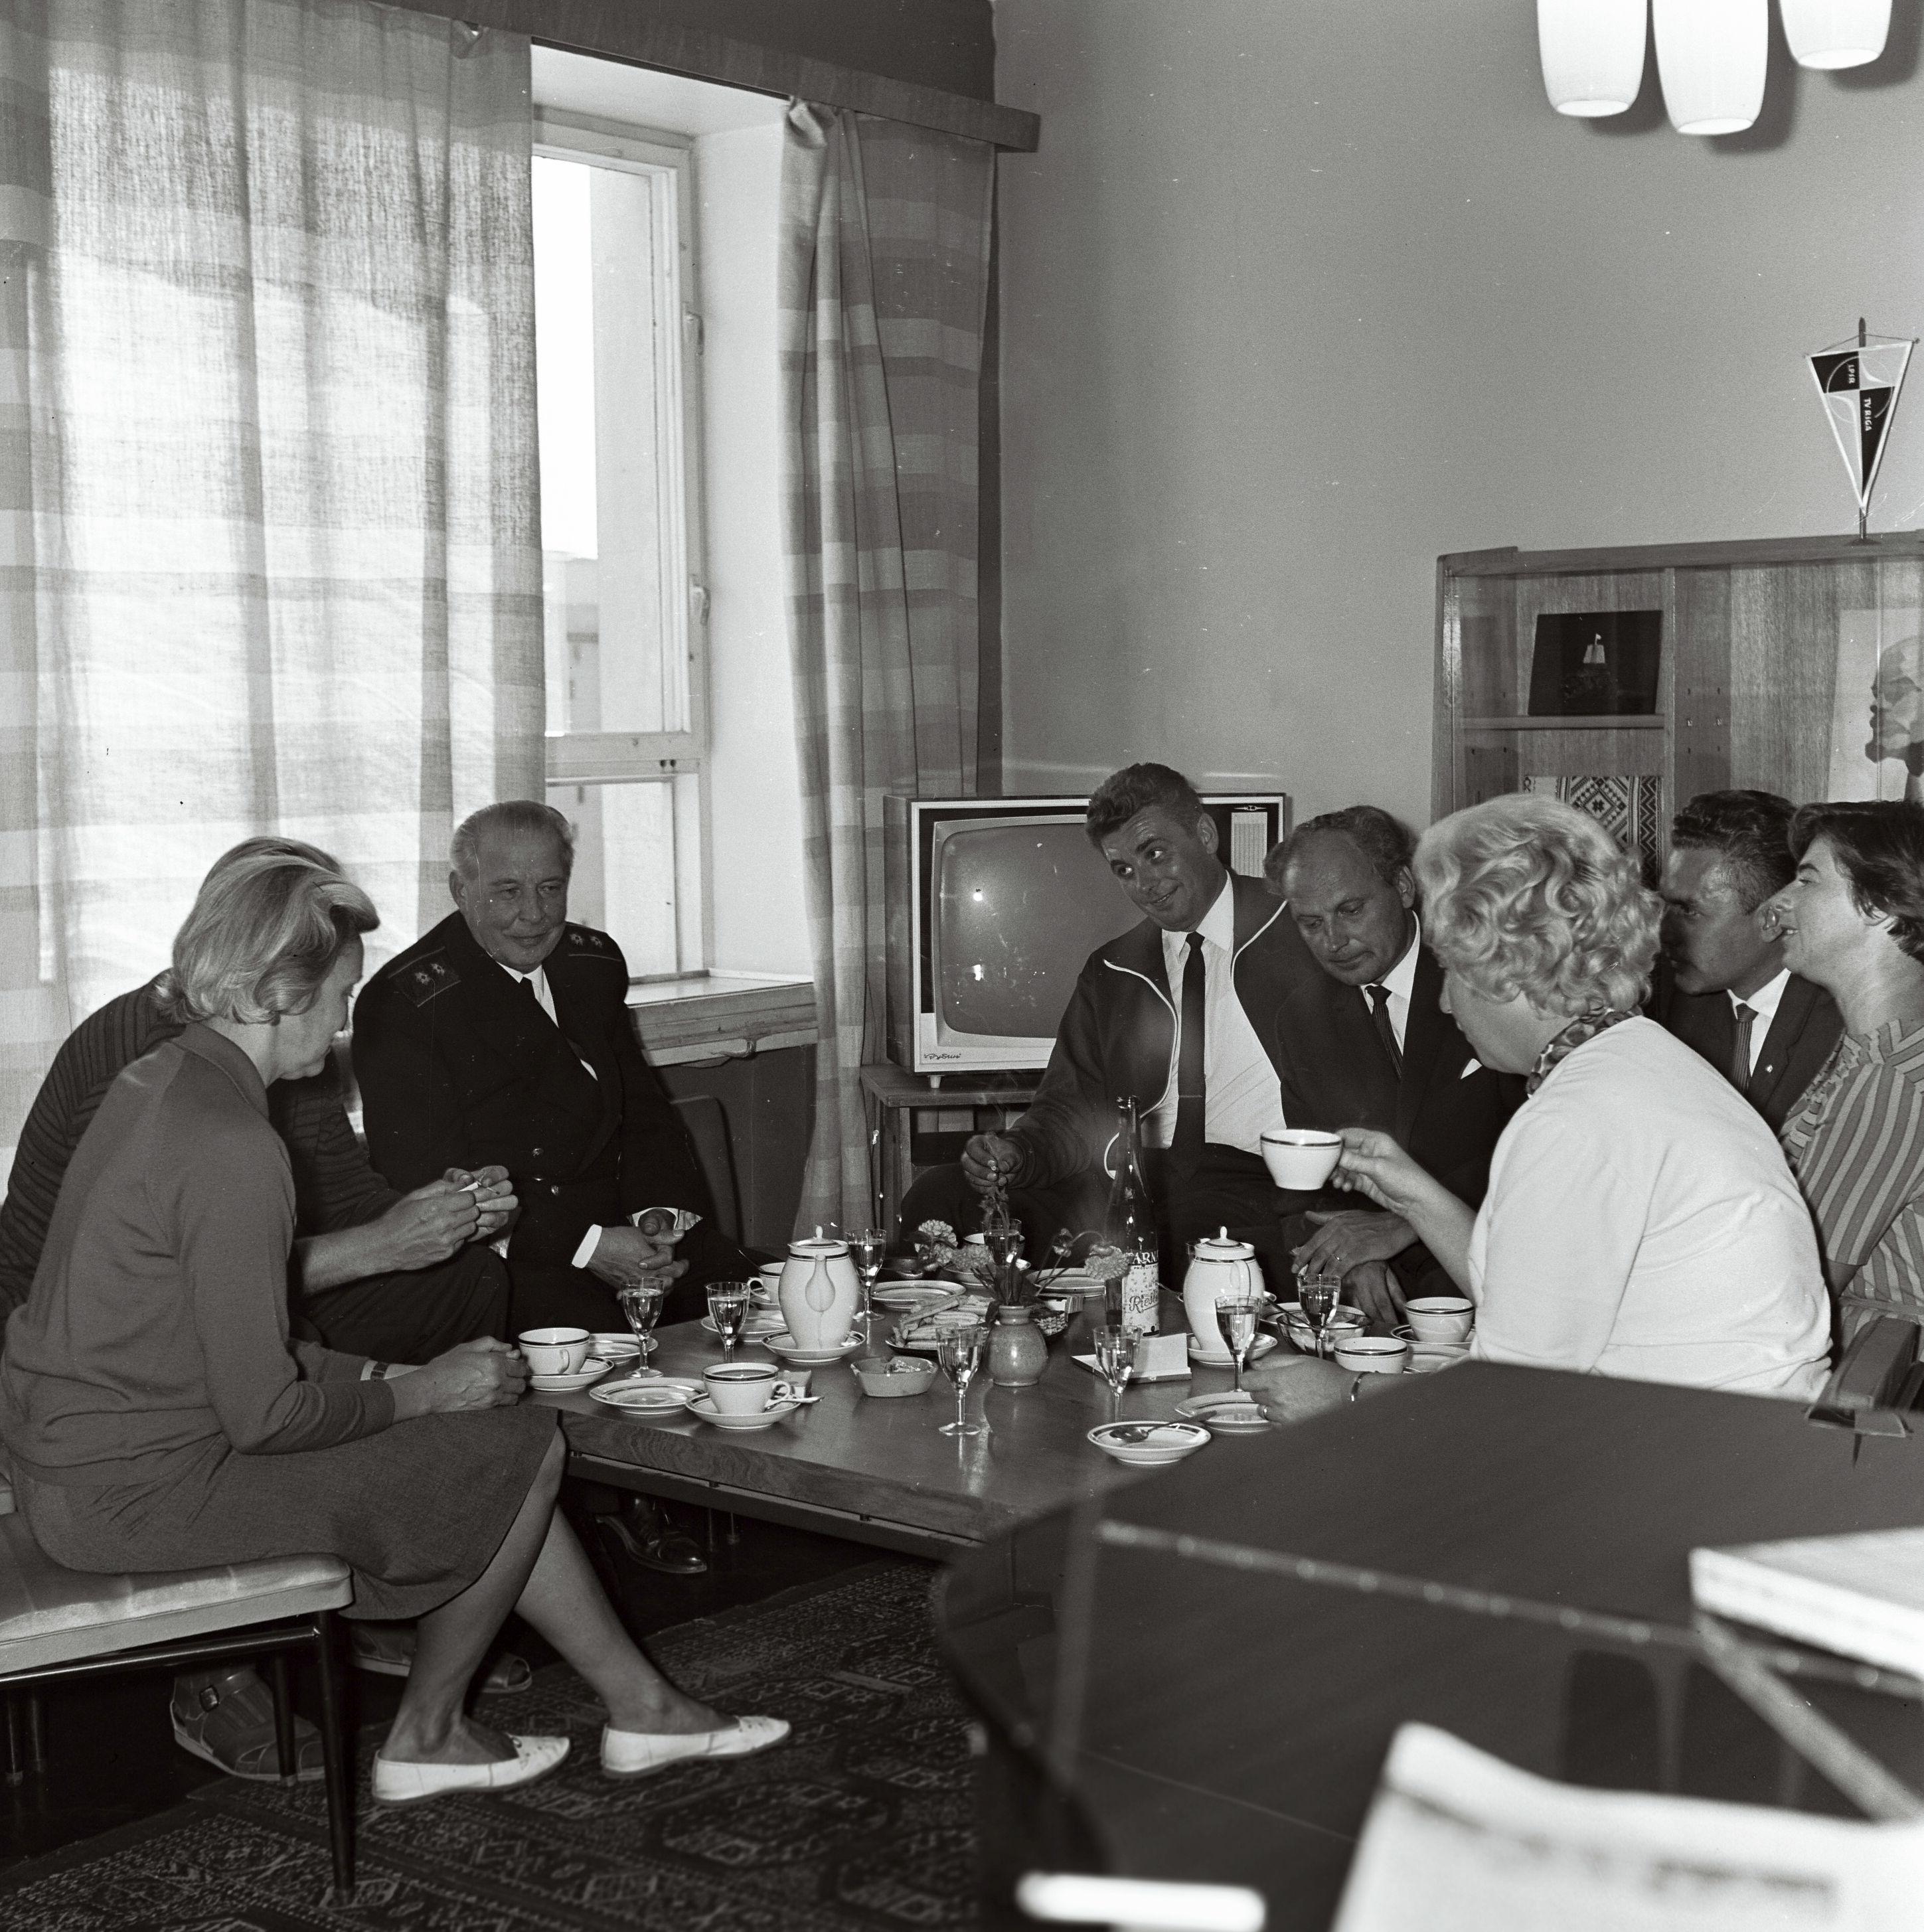 Teletöötajad, nende hulgas Valdo Pant, Rein Karemäe, Endel Haasmaa vestlemas. 26. august1967. Foto Valdur-Peeter Vahi. RA. EFA.412.0-3166778.